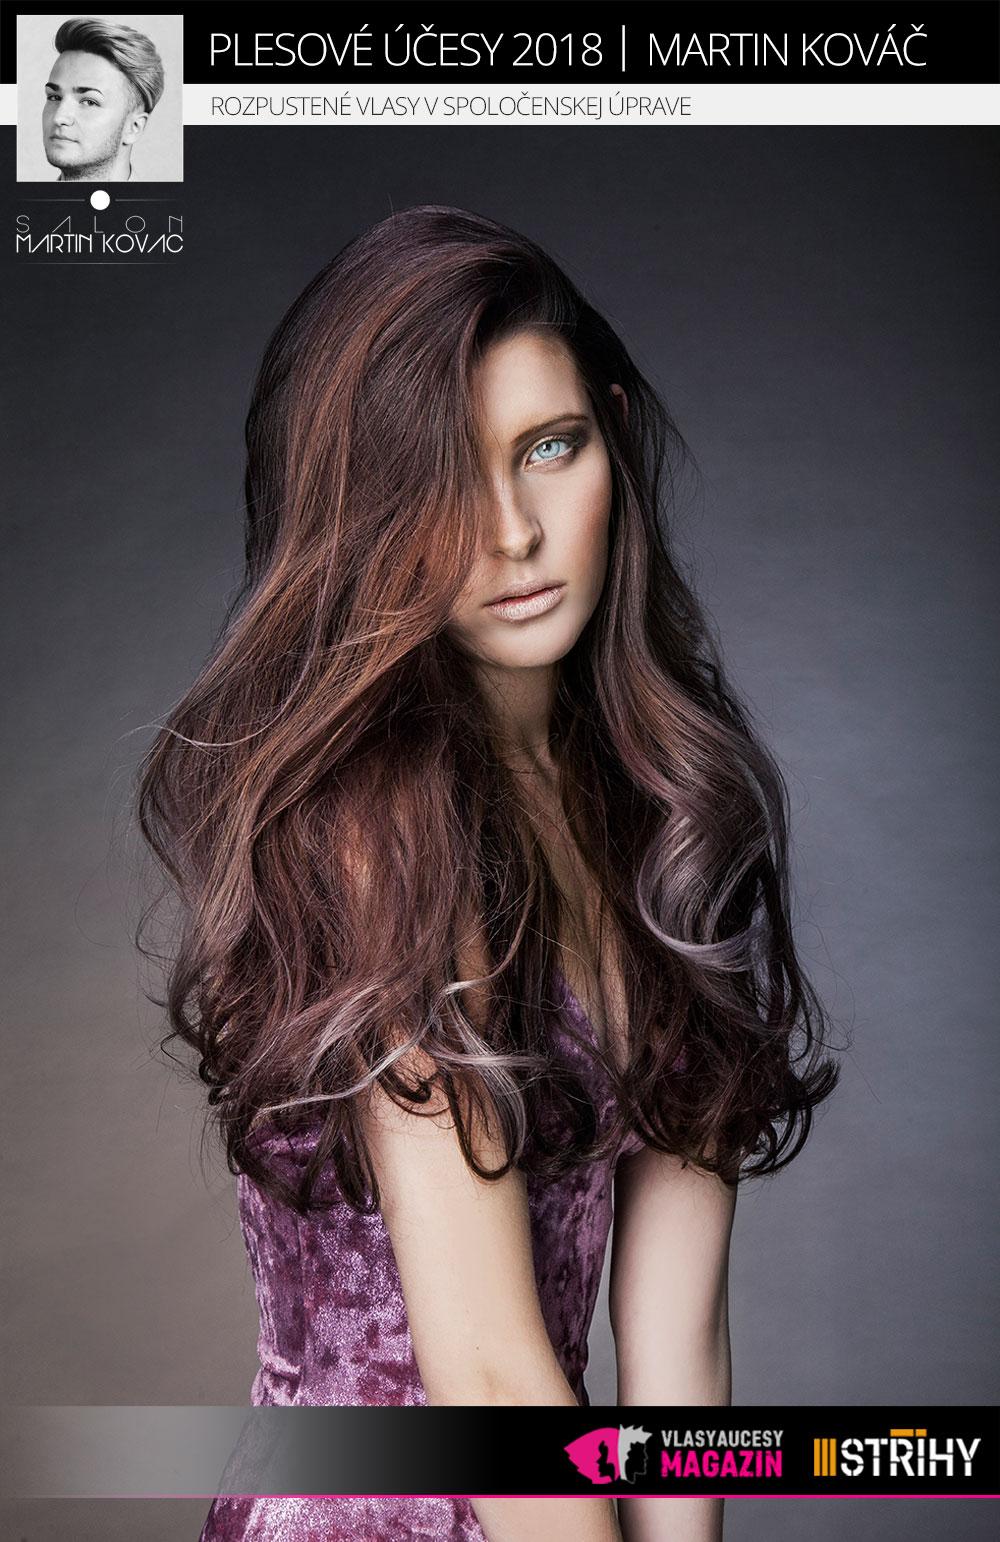 Rozpustené vlasy v spoločenskej úprave podľa Martina Kováča (Salon Martin Kováč).